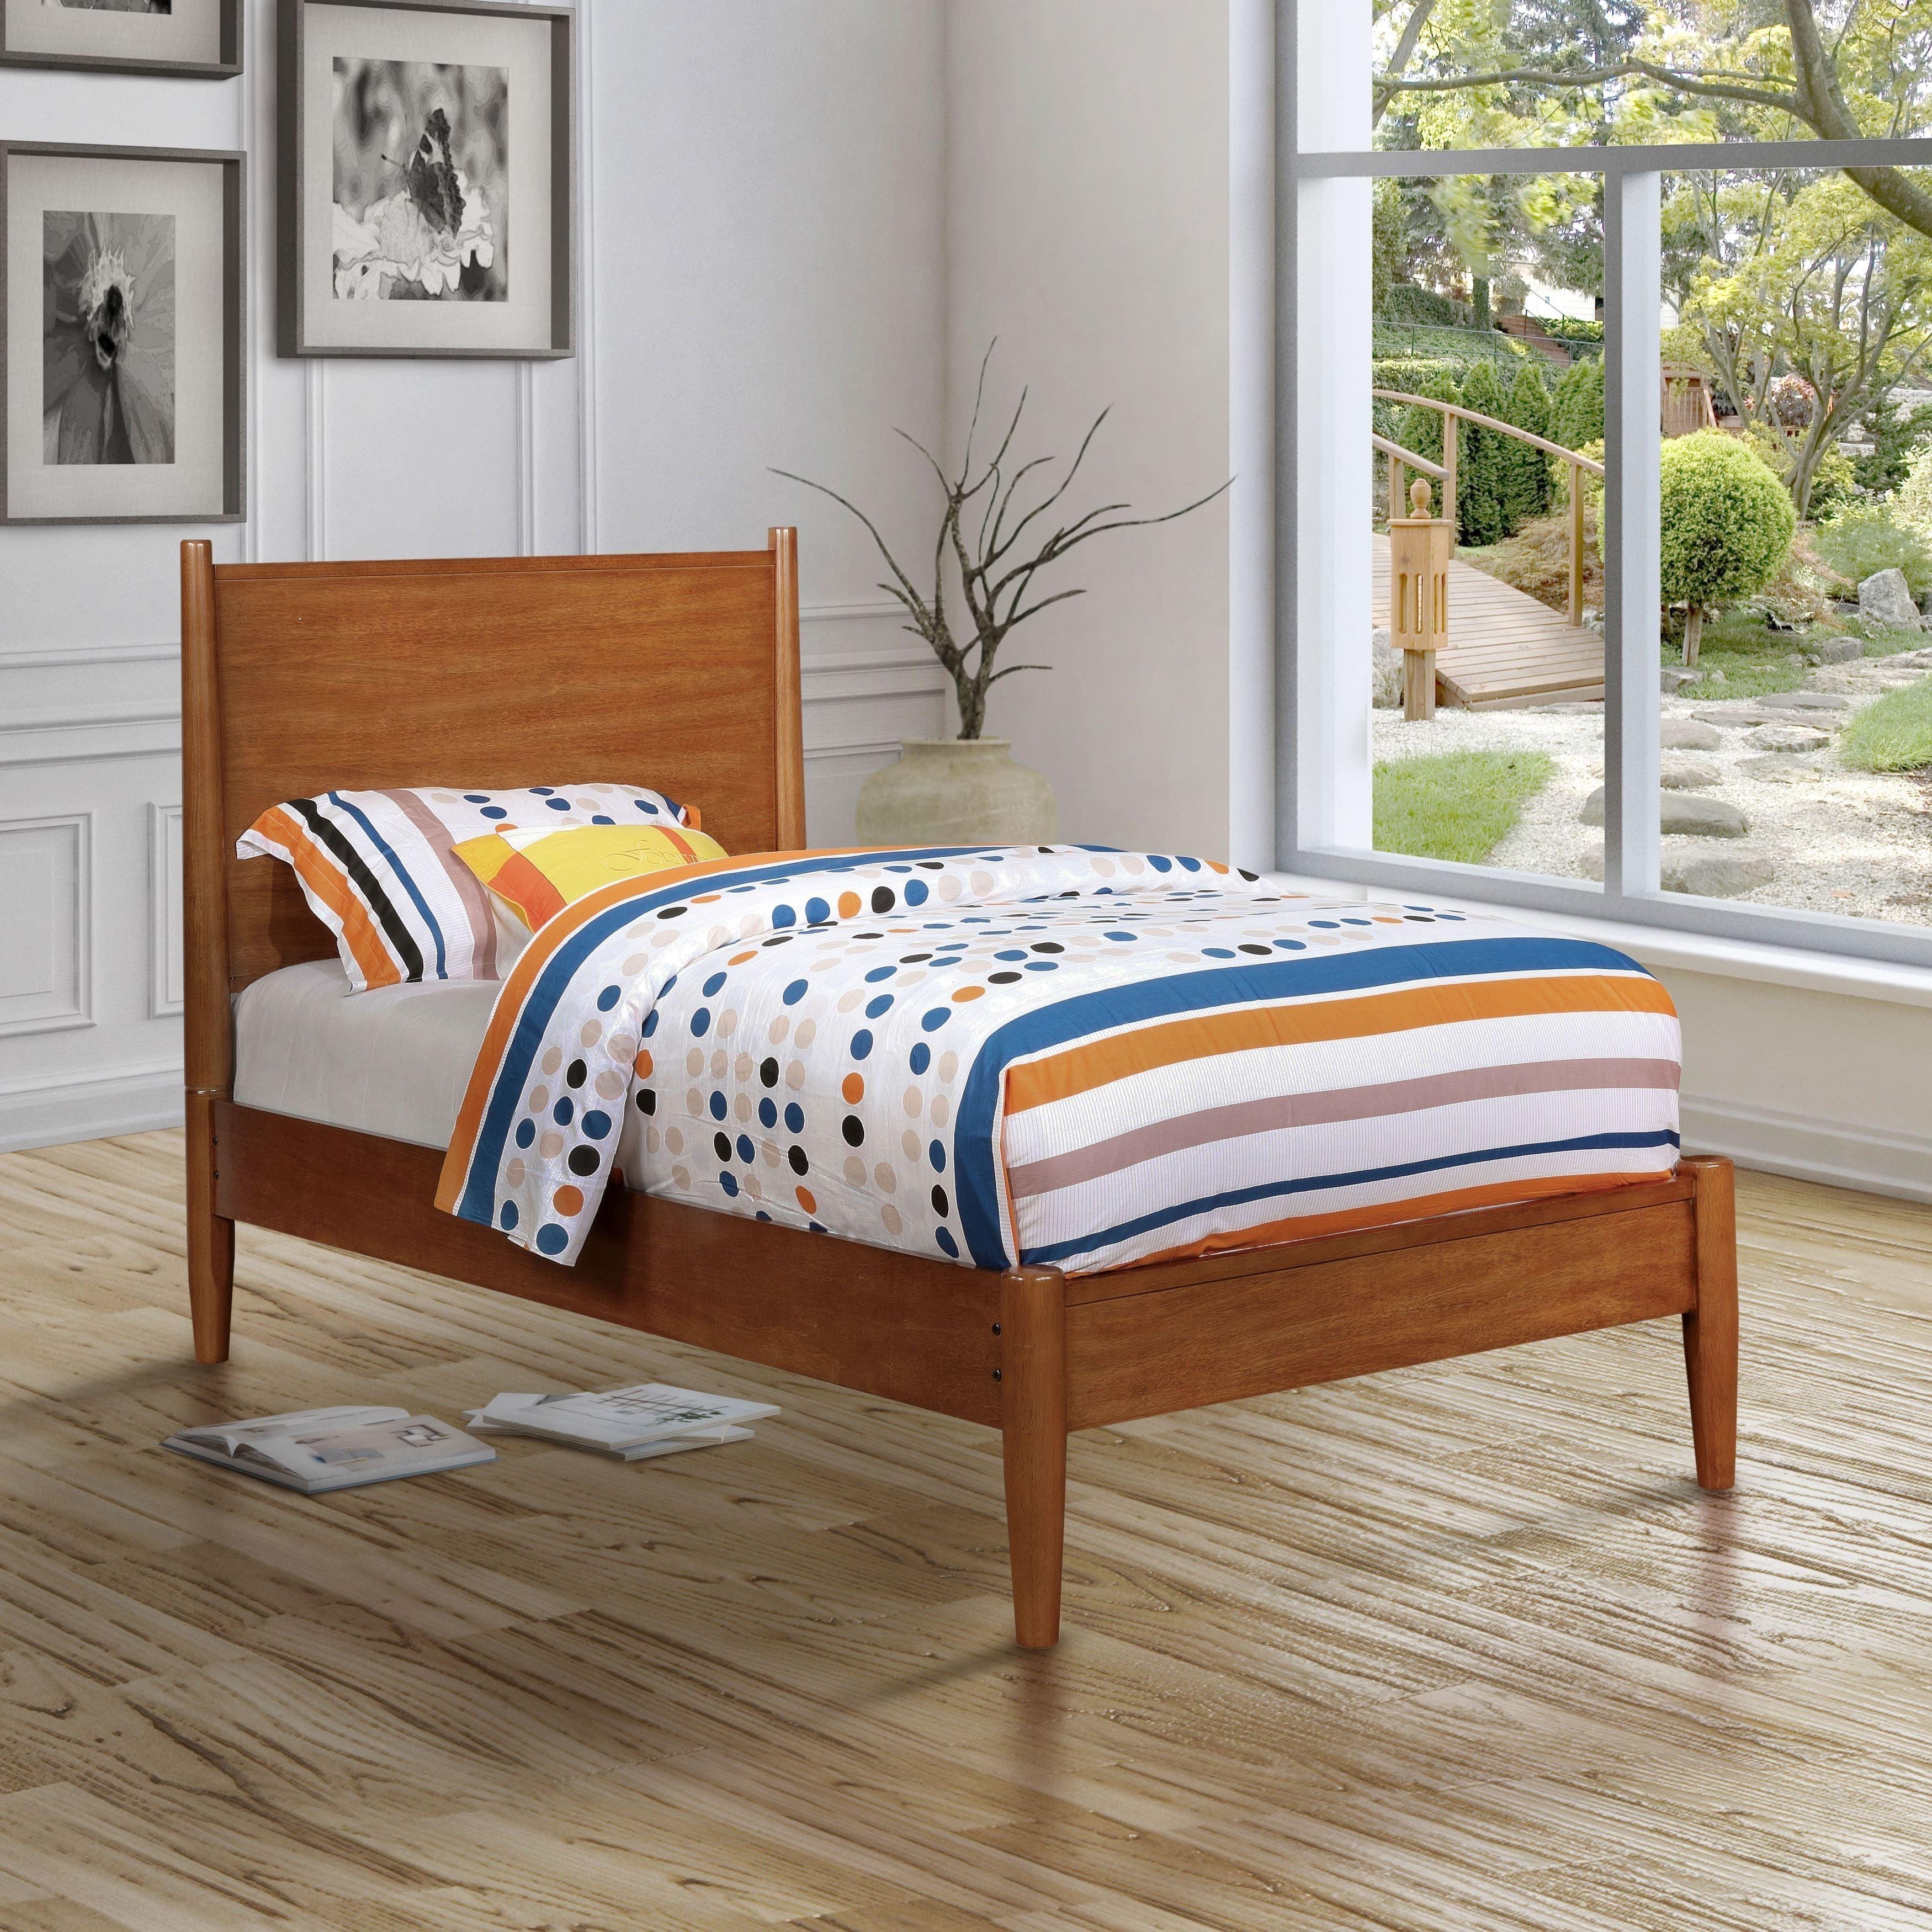 Best Corrine Ii Mid Century Modern Platform Bed By Foa Wooden 400 x 300